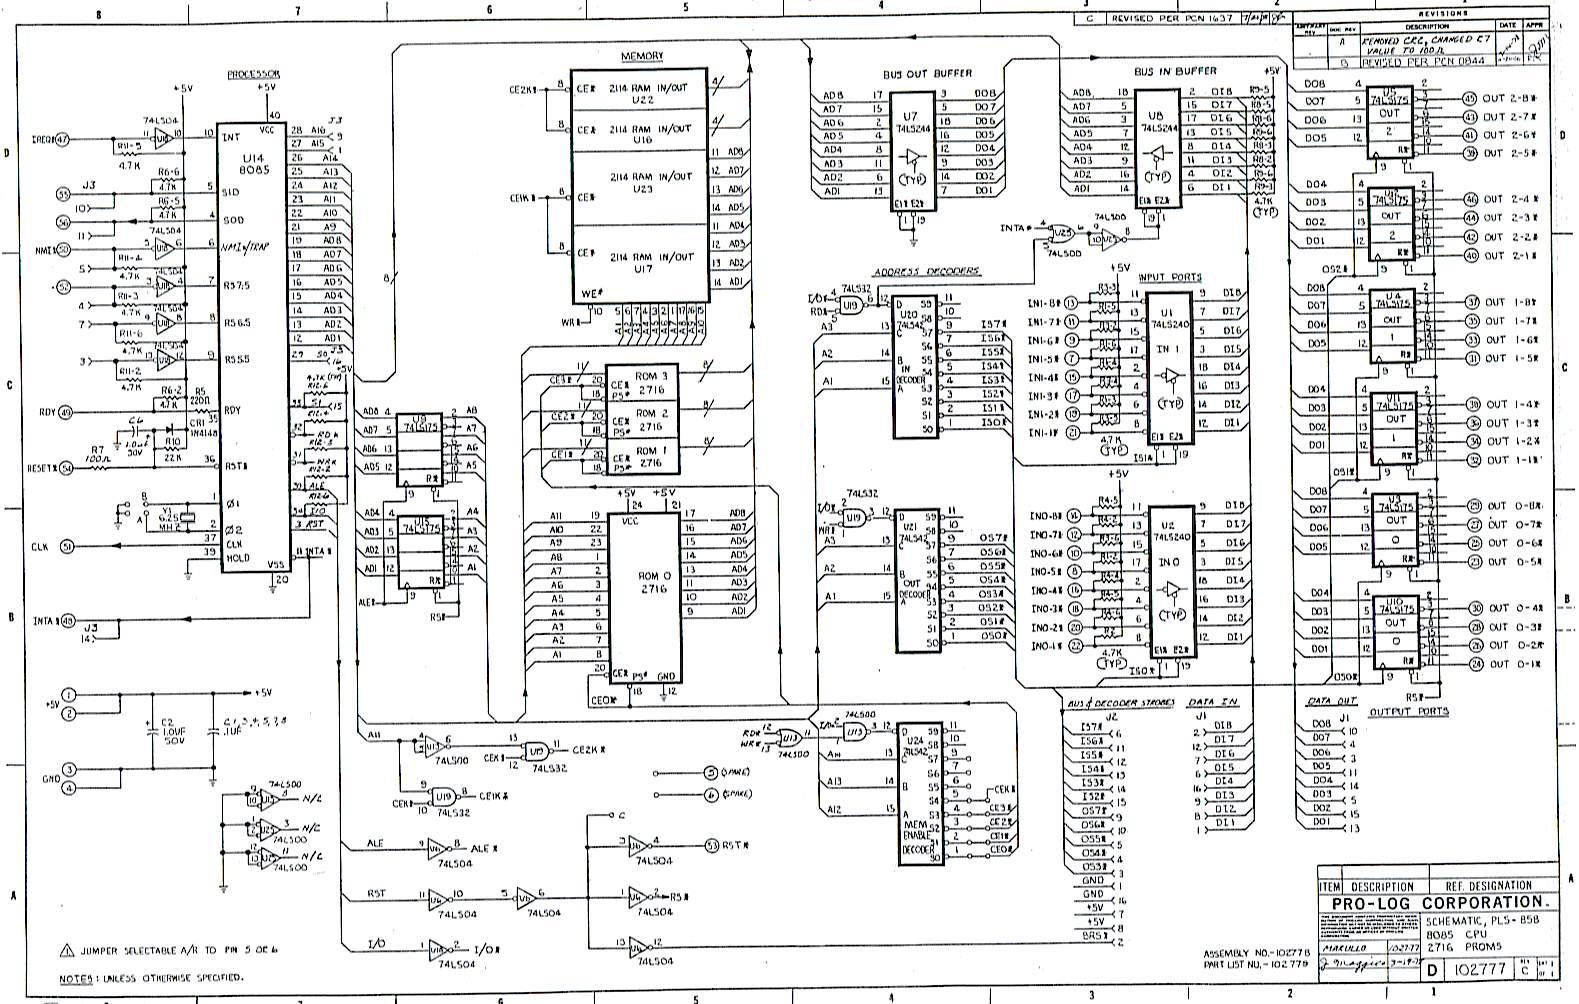 motorola 68000 block diagram